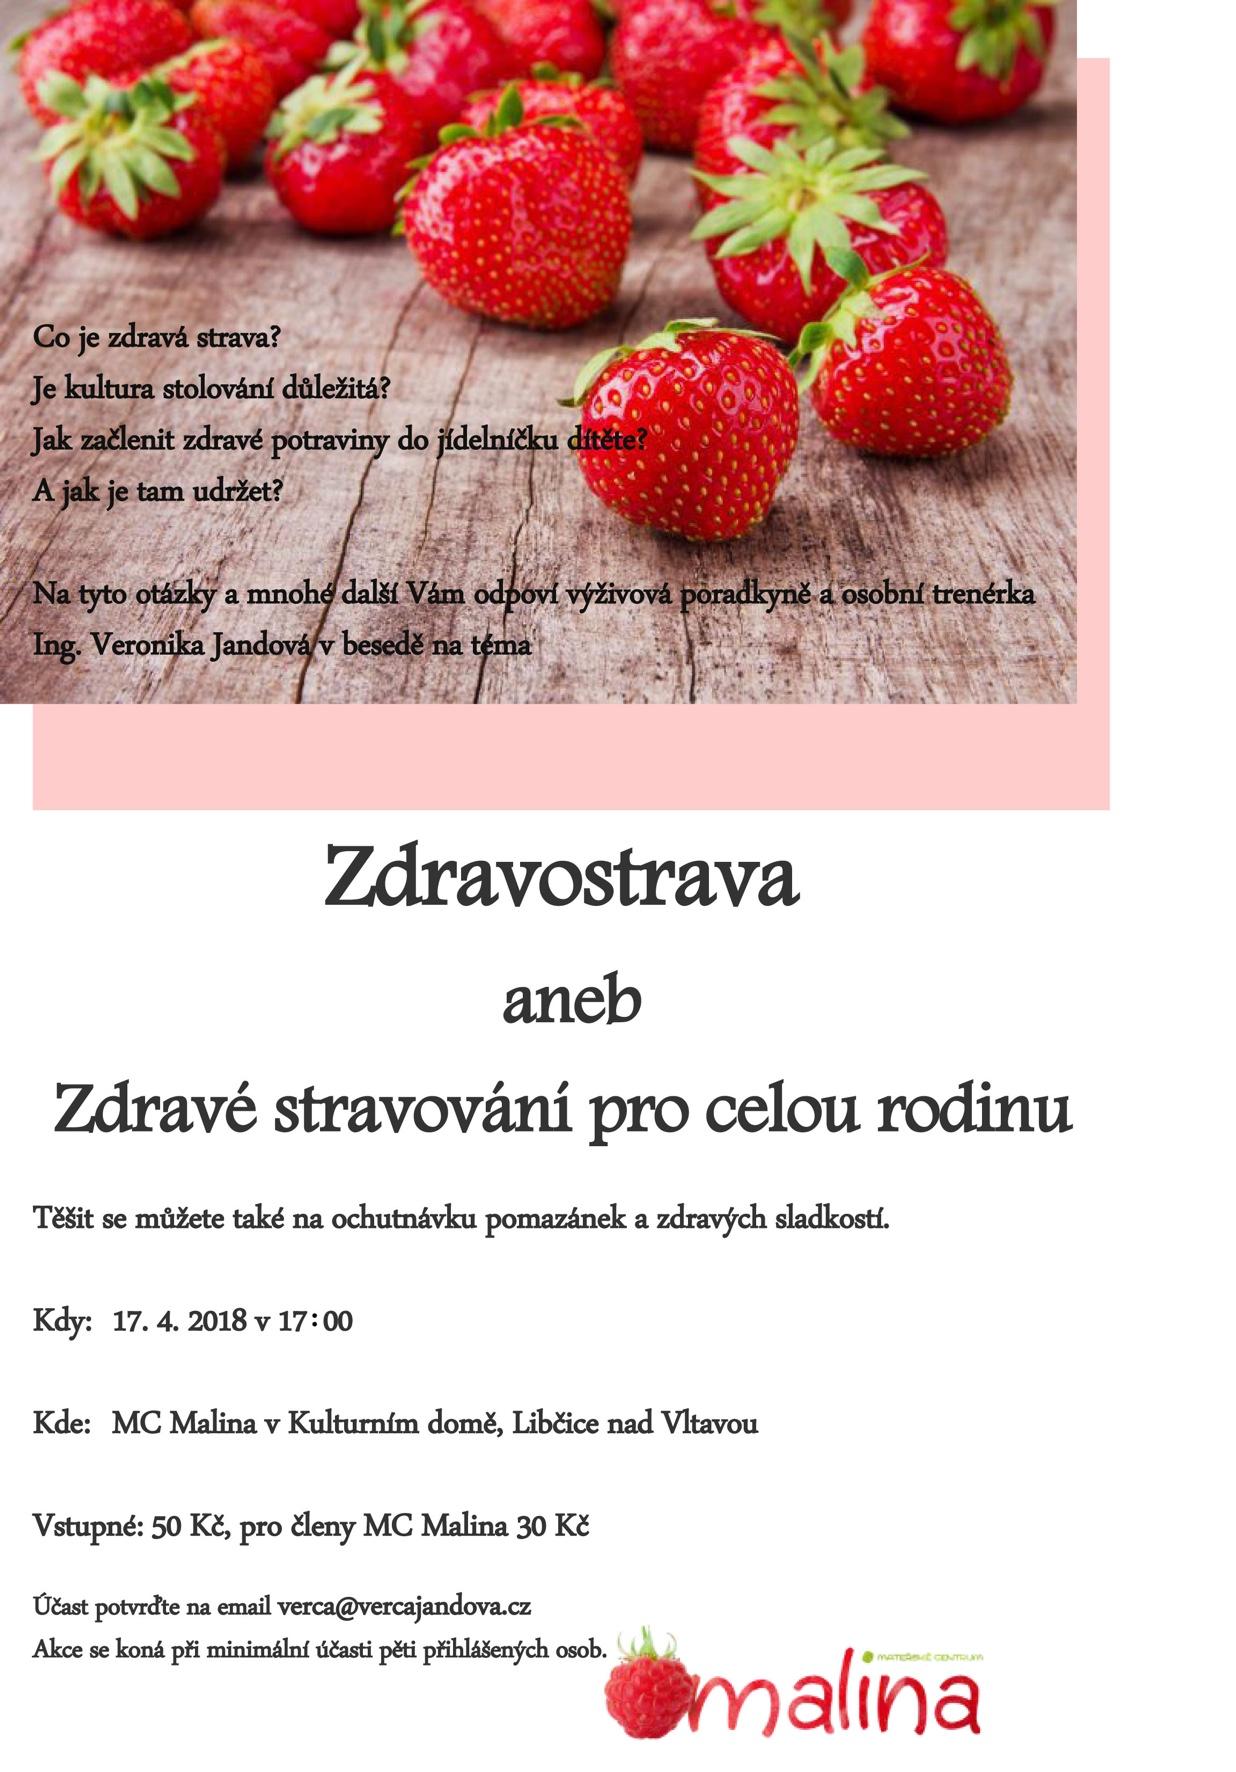 Zdrav Ostrava 18